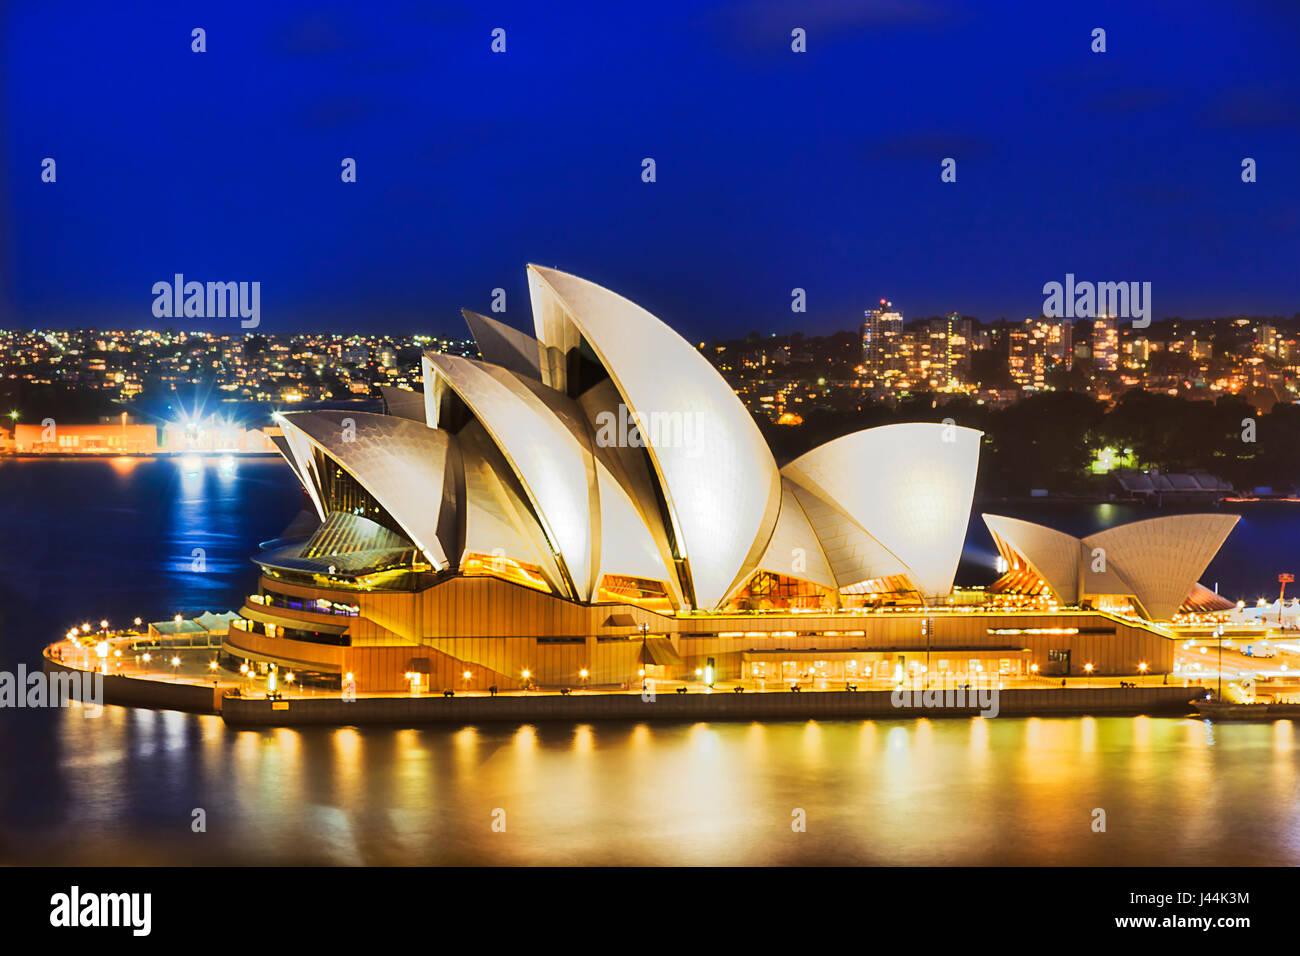 Sydney, Australia - 21 Febbraio 2016: Sydney Opera House iconico buiilding con illuminazione brillante come si vede Immagini Stock